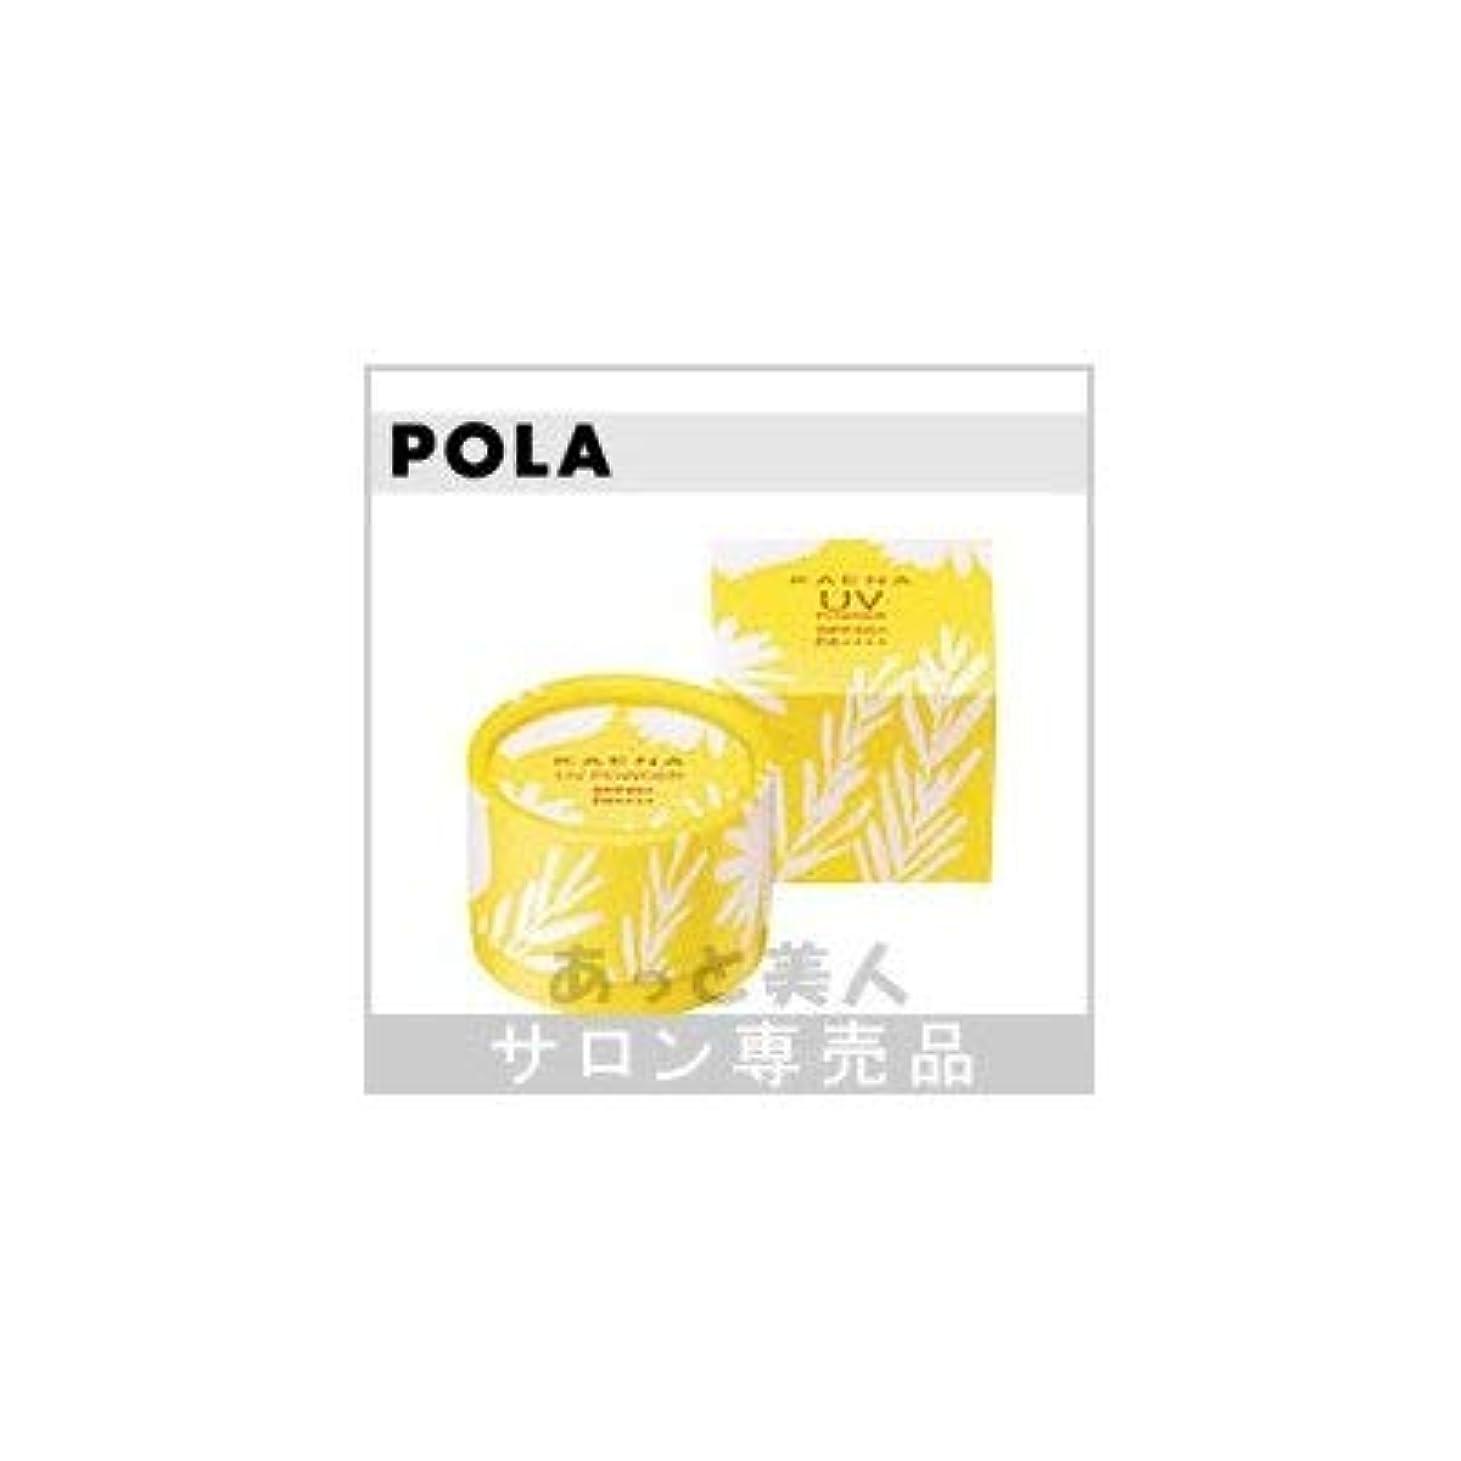 ガムボーカル手を差し伸べるポーラ カエナ UVパウダー 6.5g (SPF50+ PA++++)